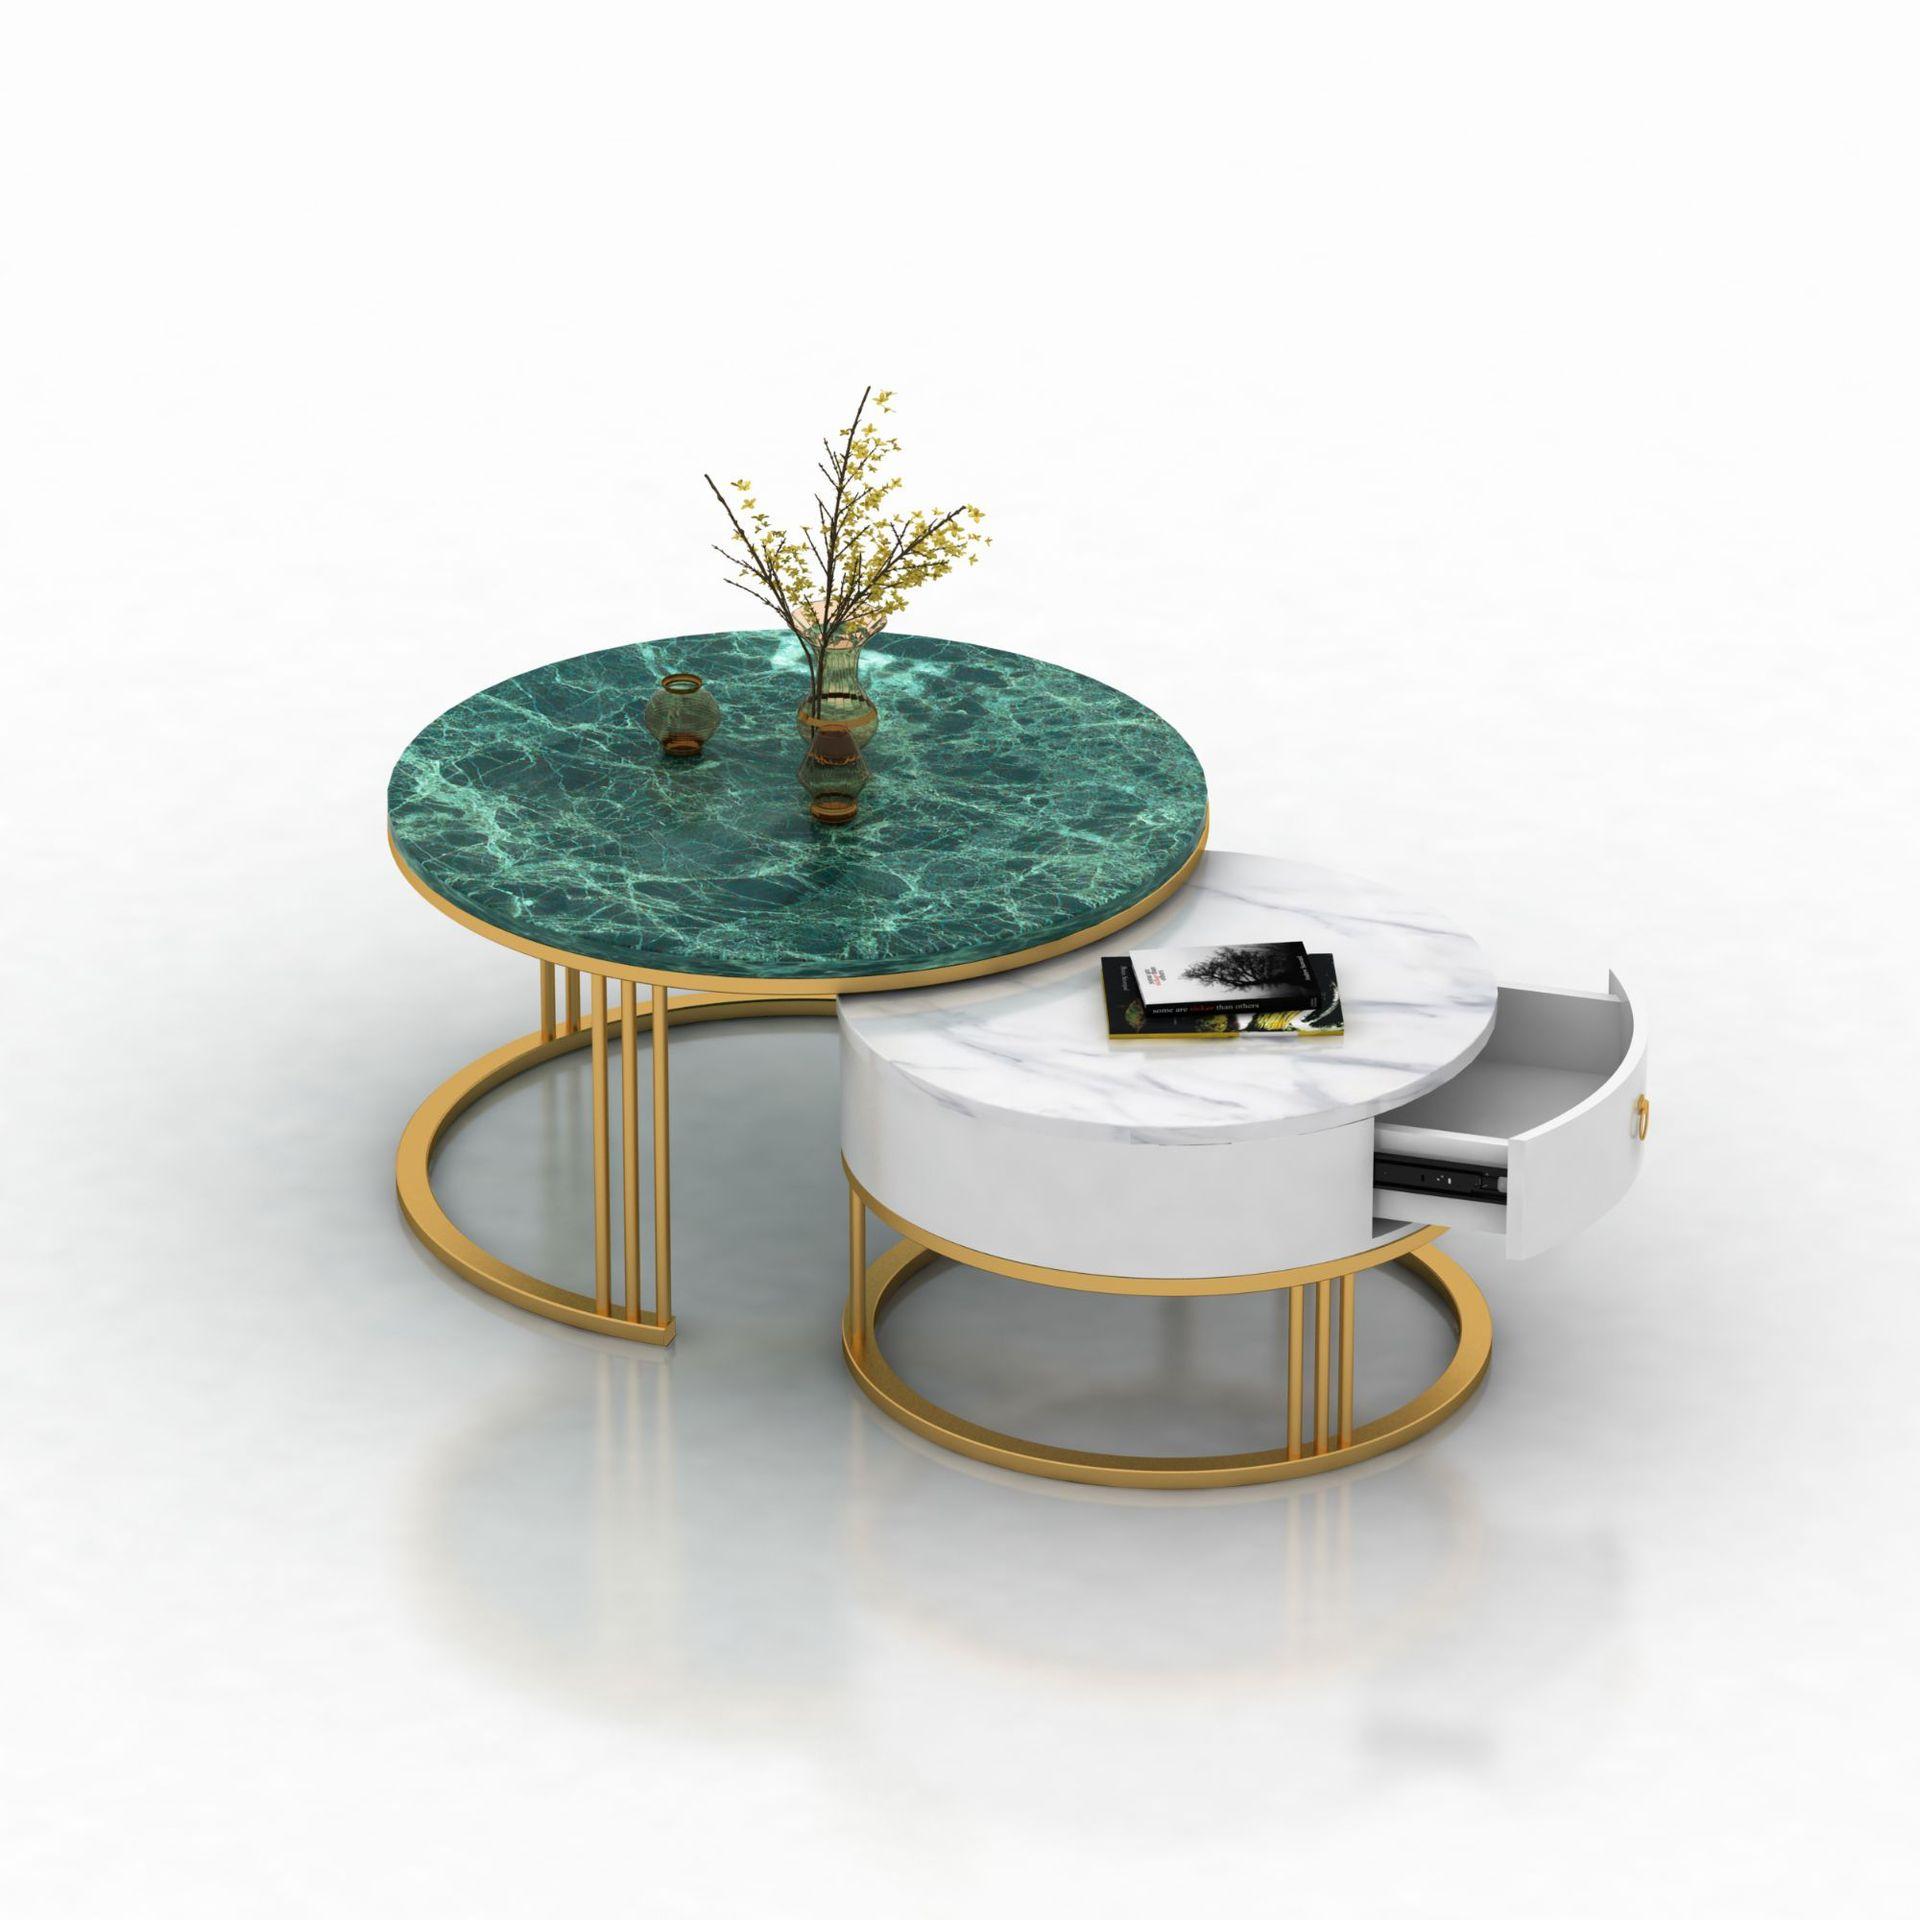 Bàn trà Ý ánh sáng sang trọng lưới đá cẩm thạch đỏ bàn cà phê Thương lượng phòng khách tròn nhỏ bàn